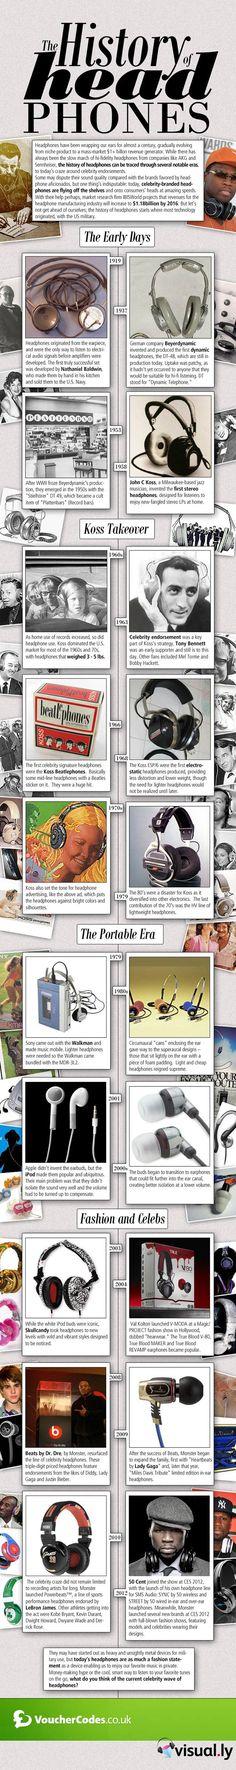 Hoy en día muchos de nosotros llevamos adosados a las orejas auriculares que introducen música constantemente en nuestra cabeza. Pero no todo el mundo sabe que estos aparatos tienen casi un siglo de vida. La siguiente infografía hace un resumen de su historia, desde los primeros que compró la Marina estadounidense en 1919 hasta los diseños más actuales.